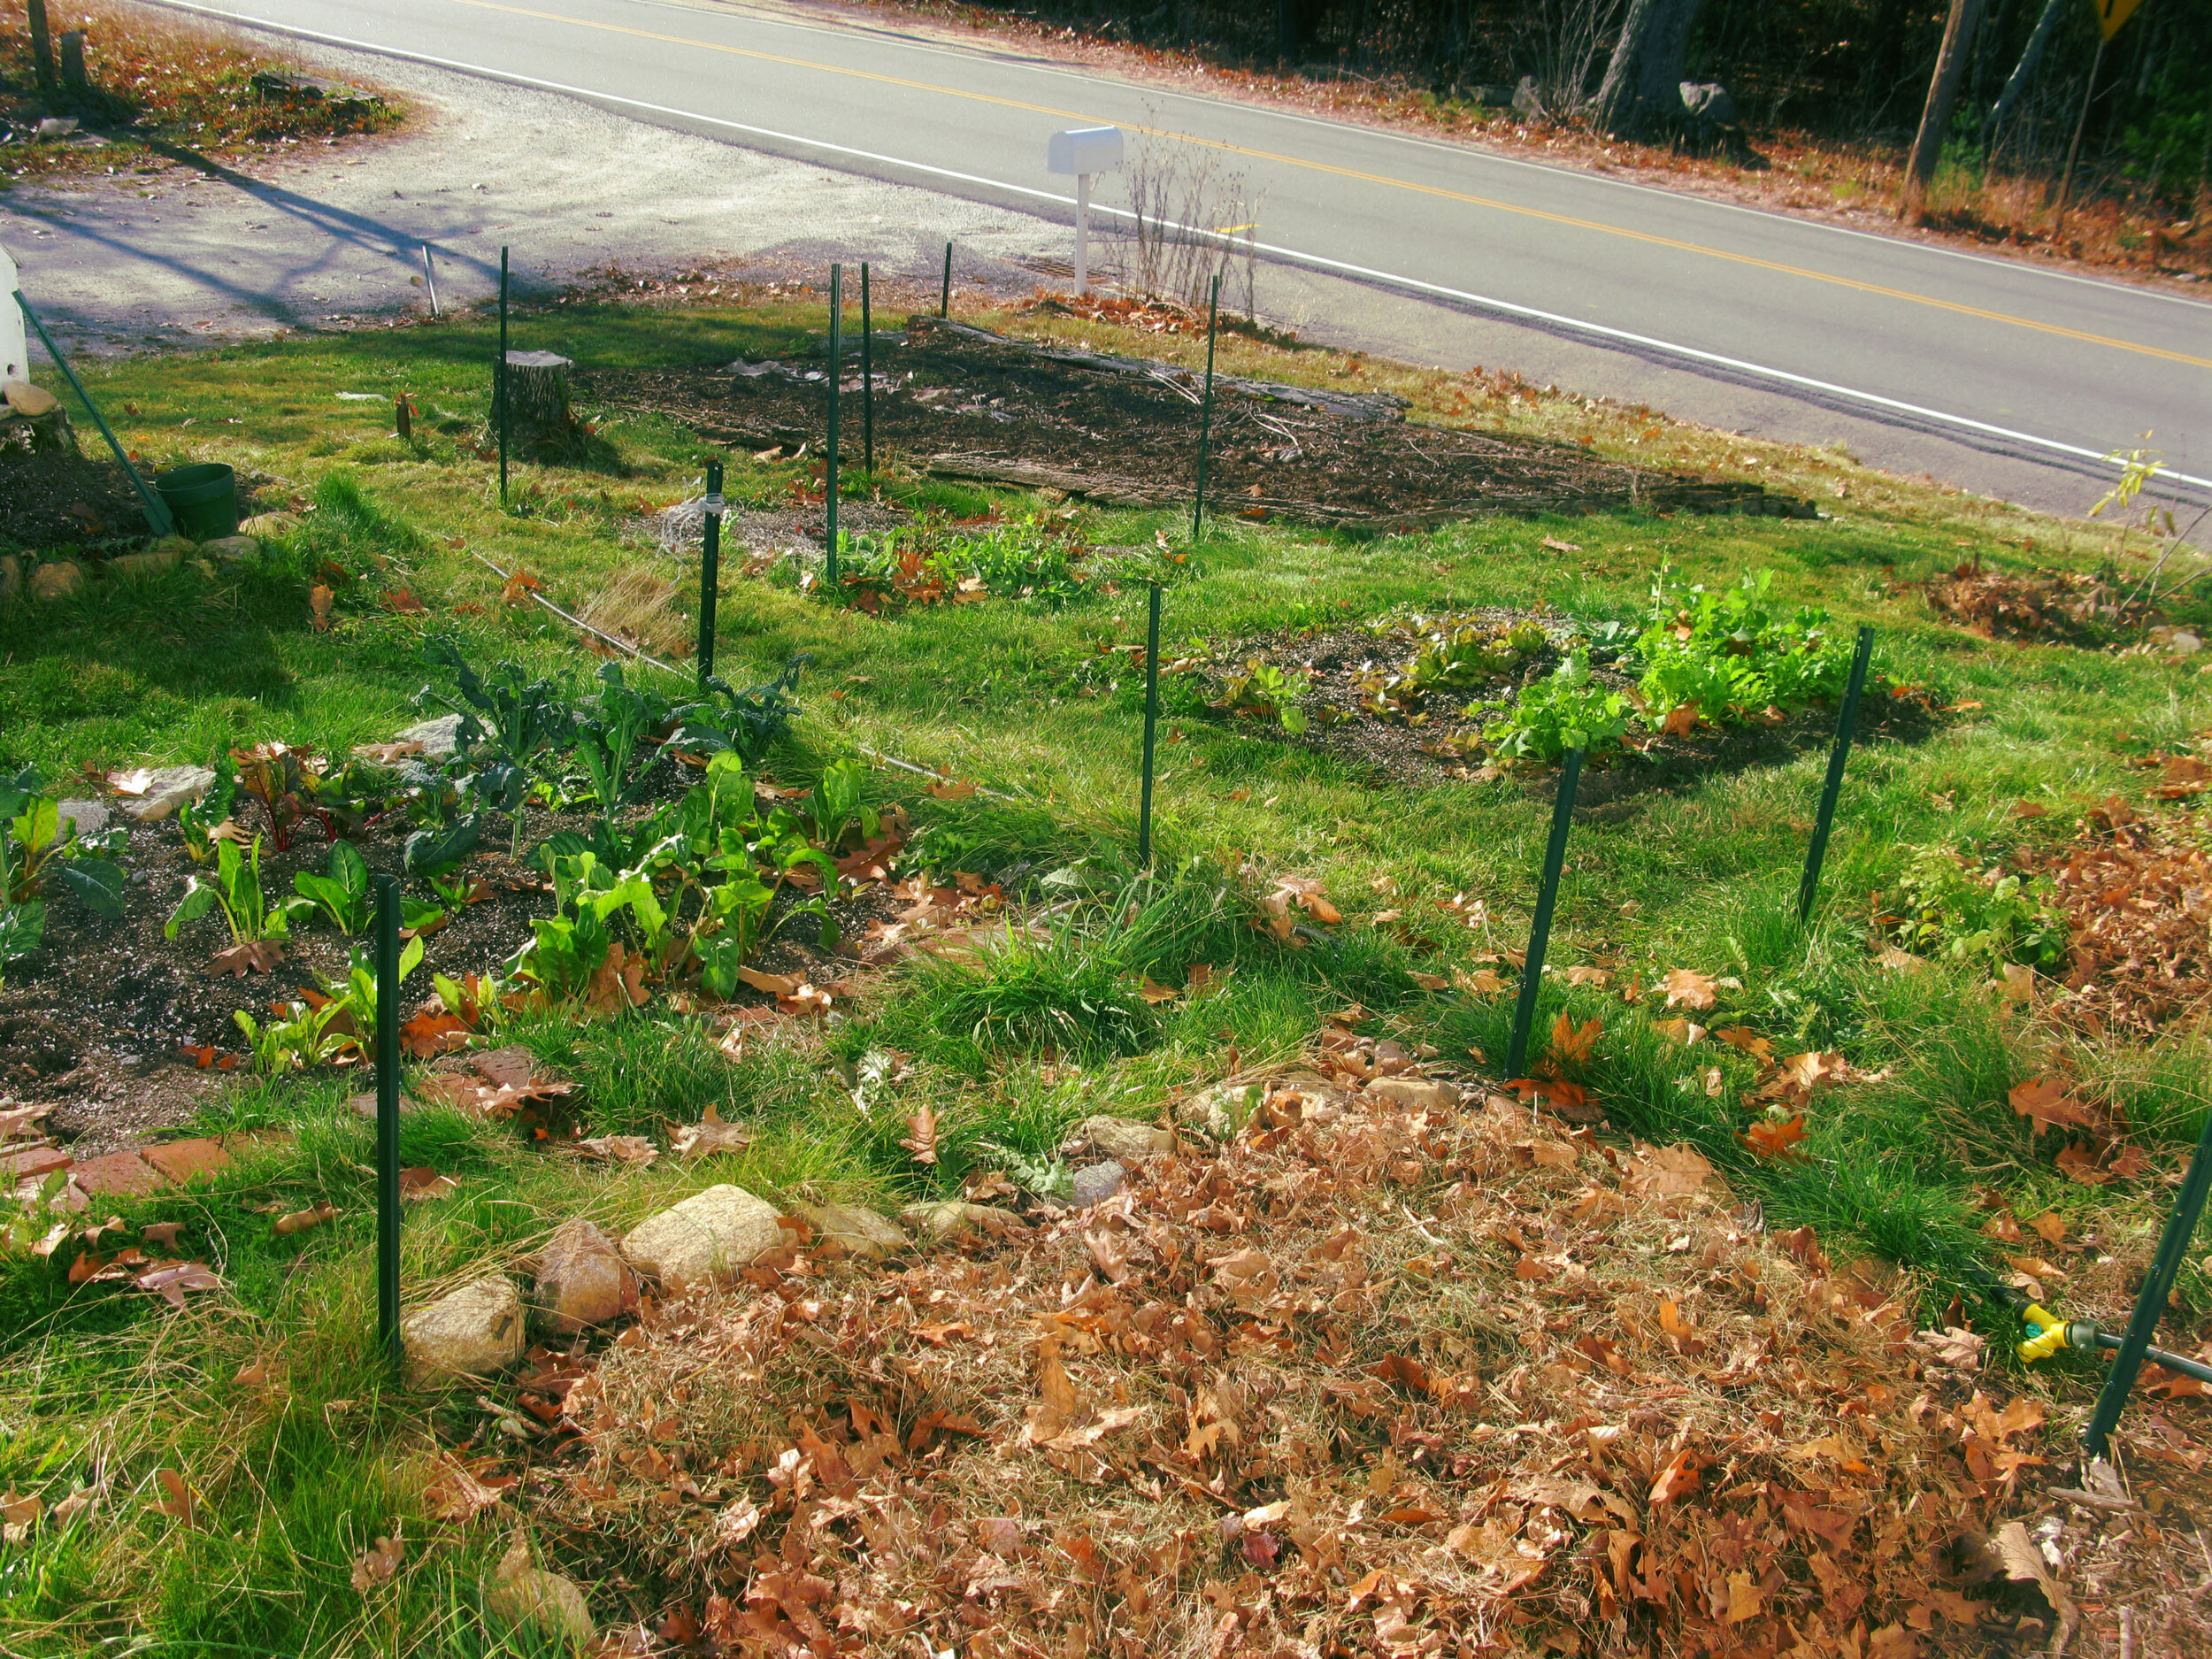 SHredded LEaves Insulate a Vegetable Garden. Photo Courtesy of  FLICKR/RyAn .